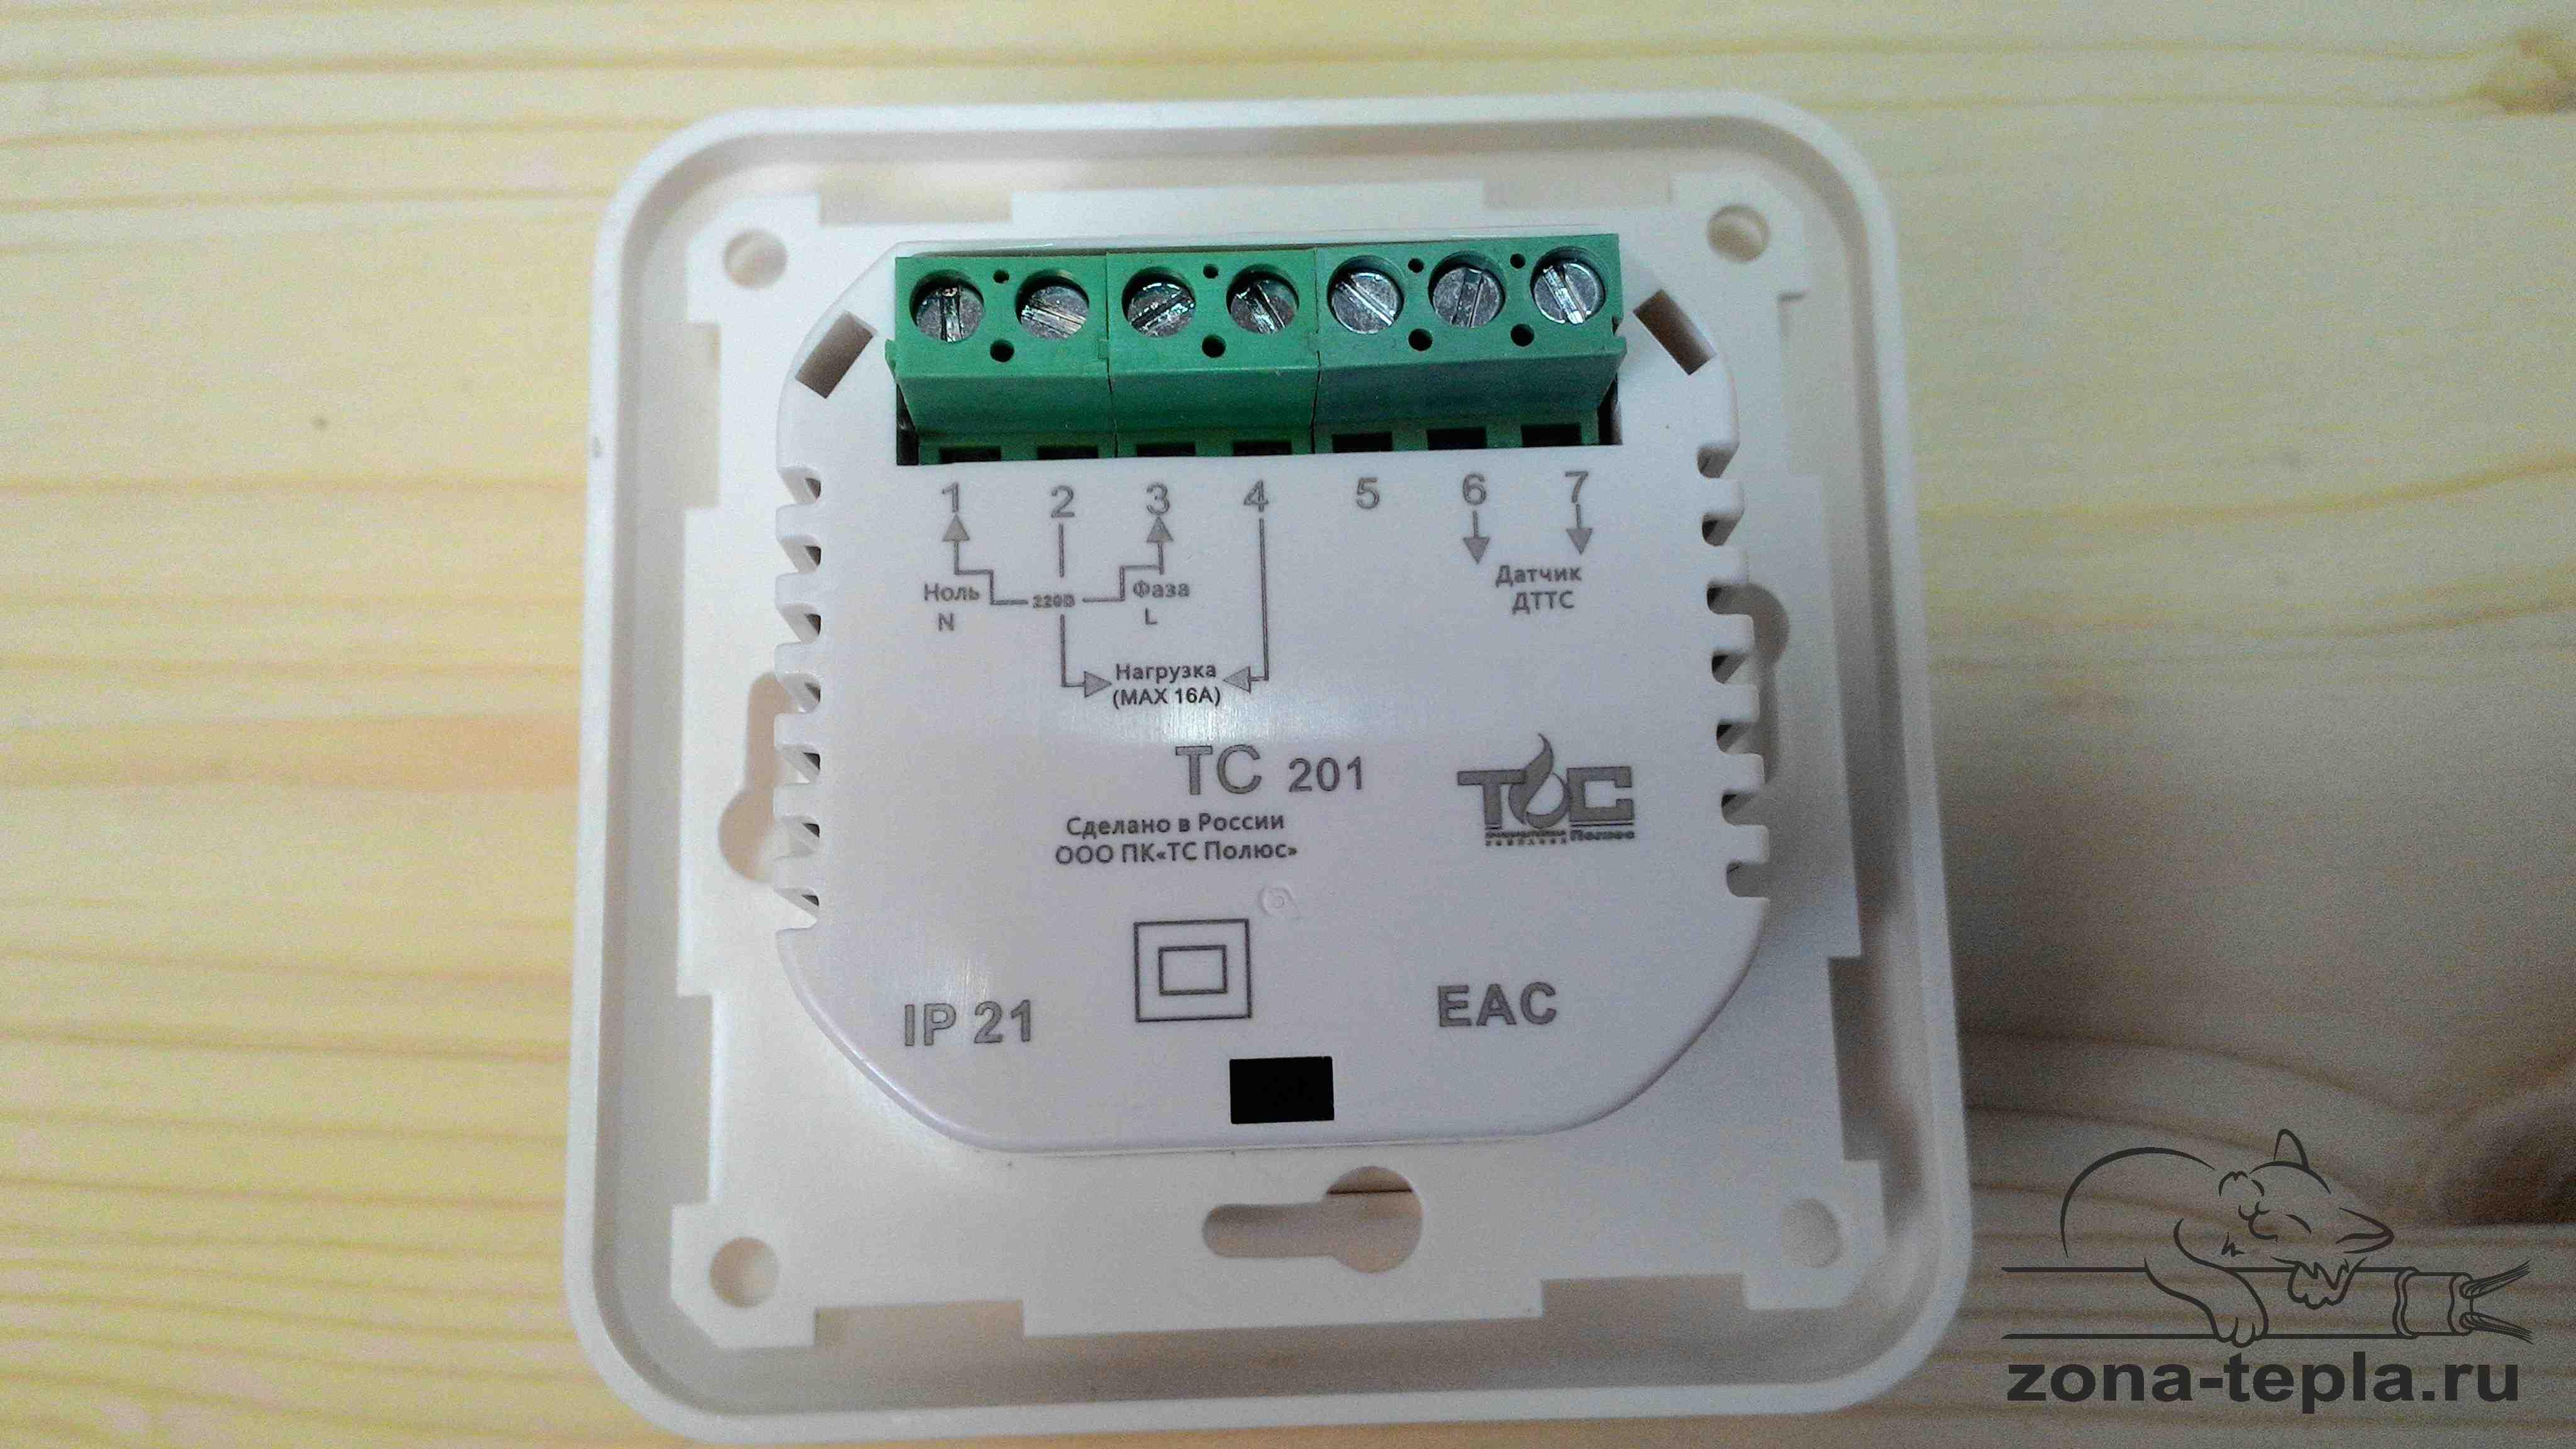 Терморегулятор для теплого пола TC-201 схема подключения